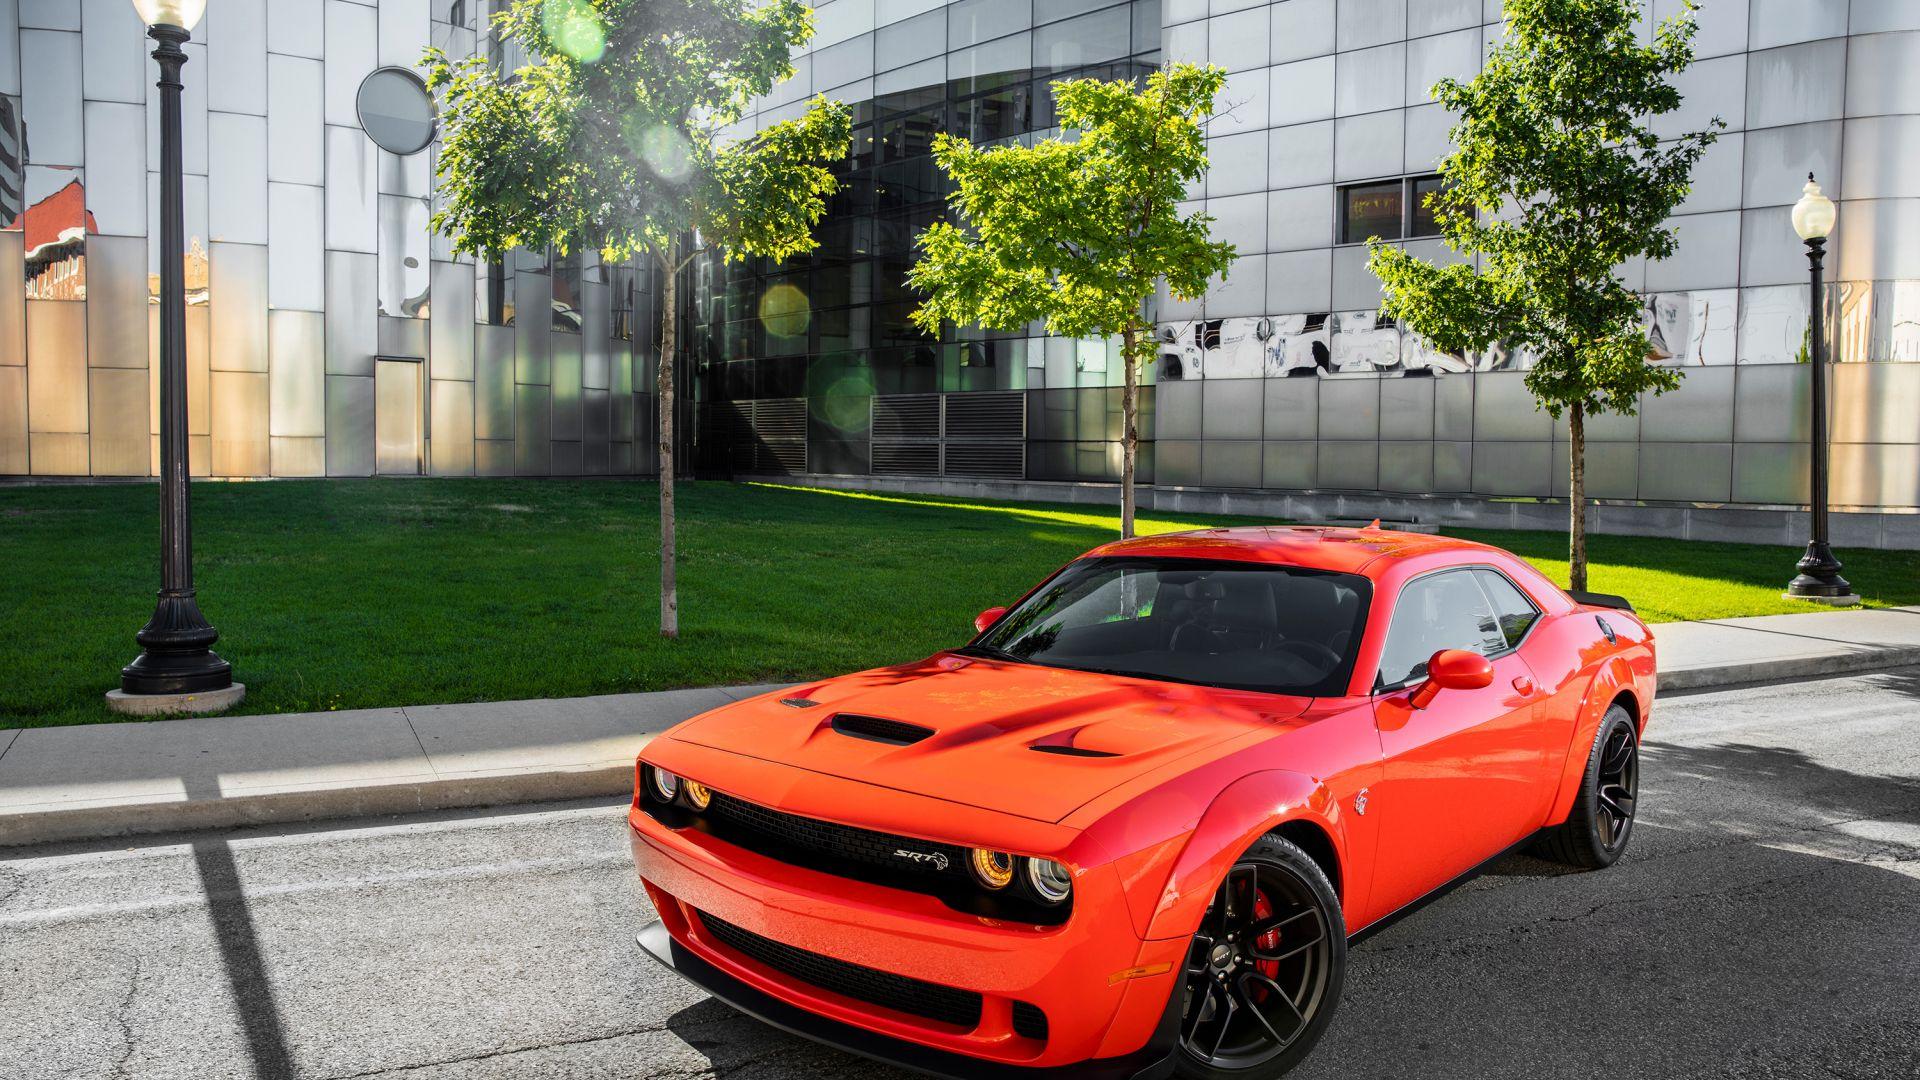 Desktop wallpaper dodge challenger srt hellcat widebody - Dodge car 4k wallpaper ...